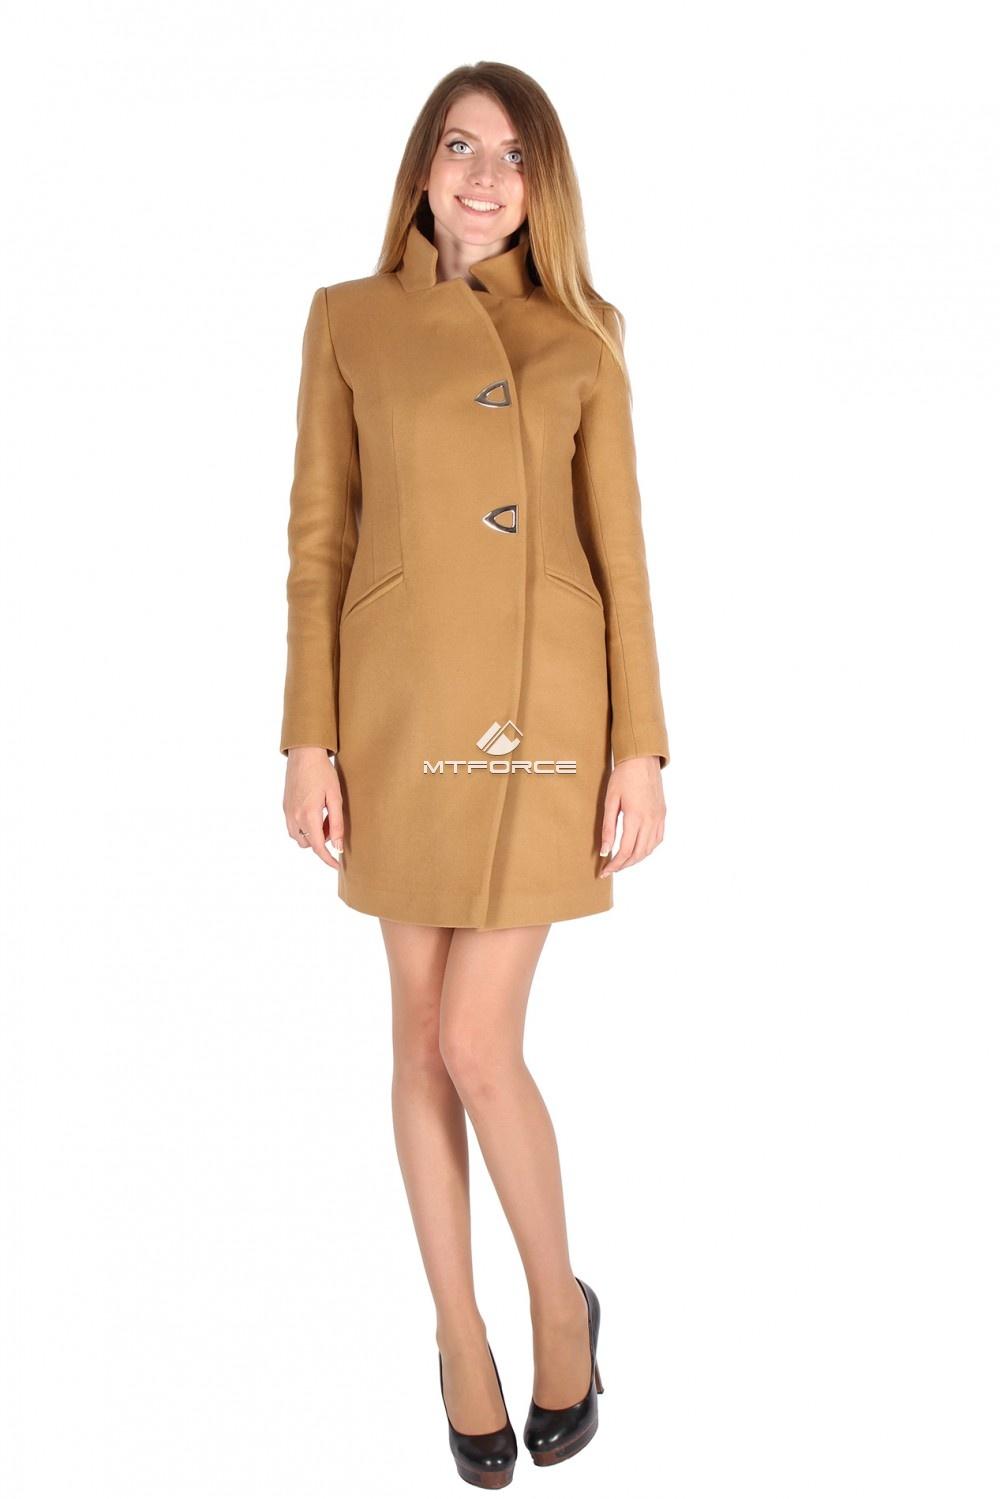 Купить                                  оптом Пальто женское горчичного цвета 16269G в Новосибирске